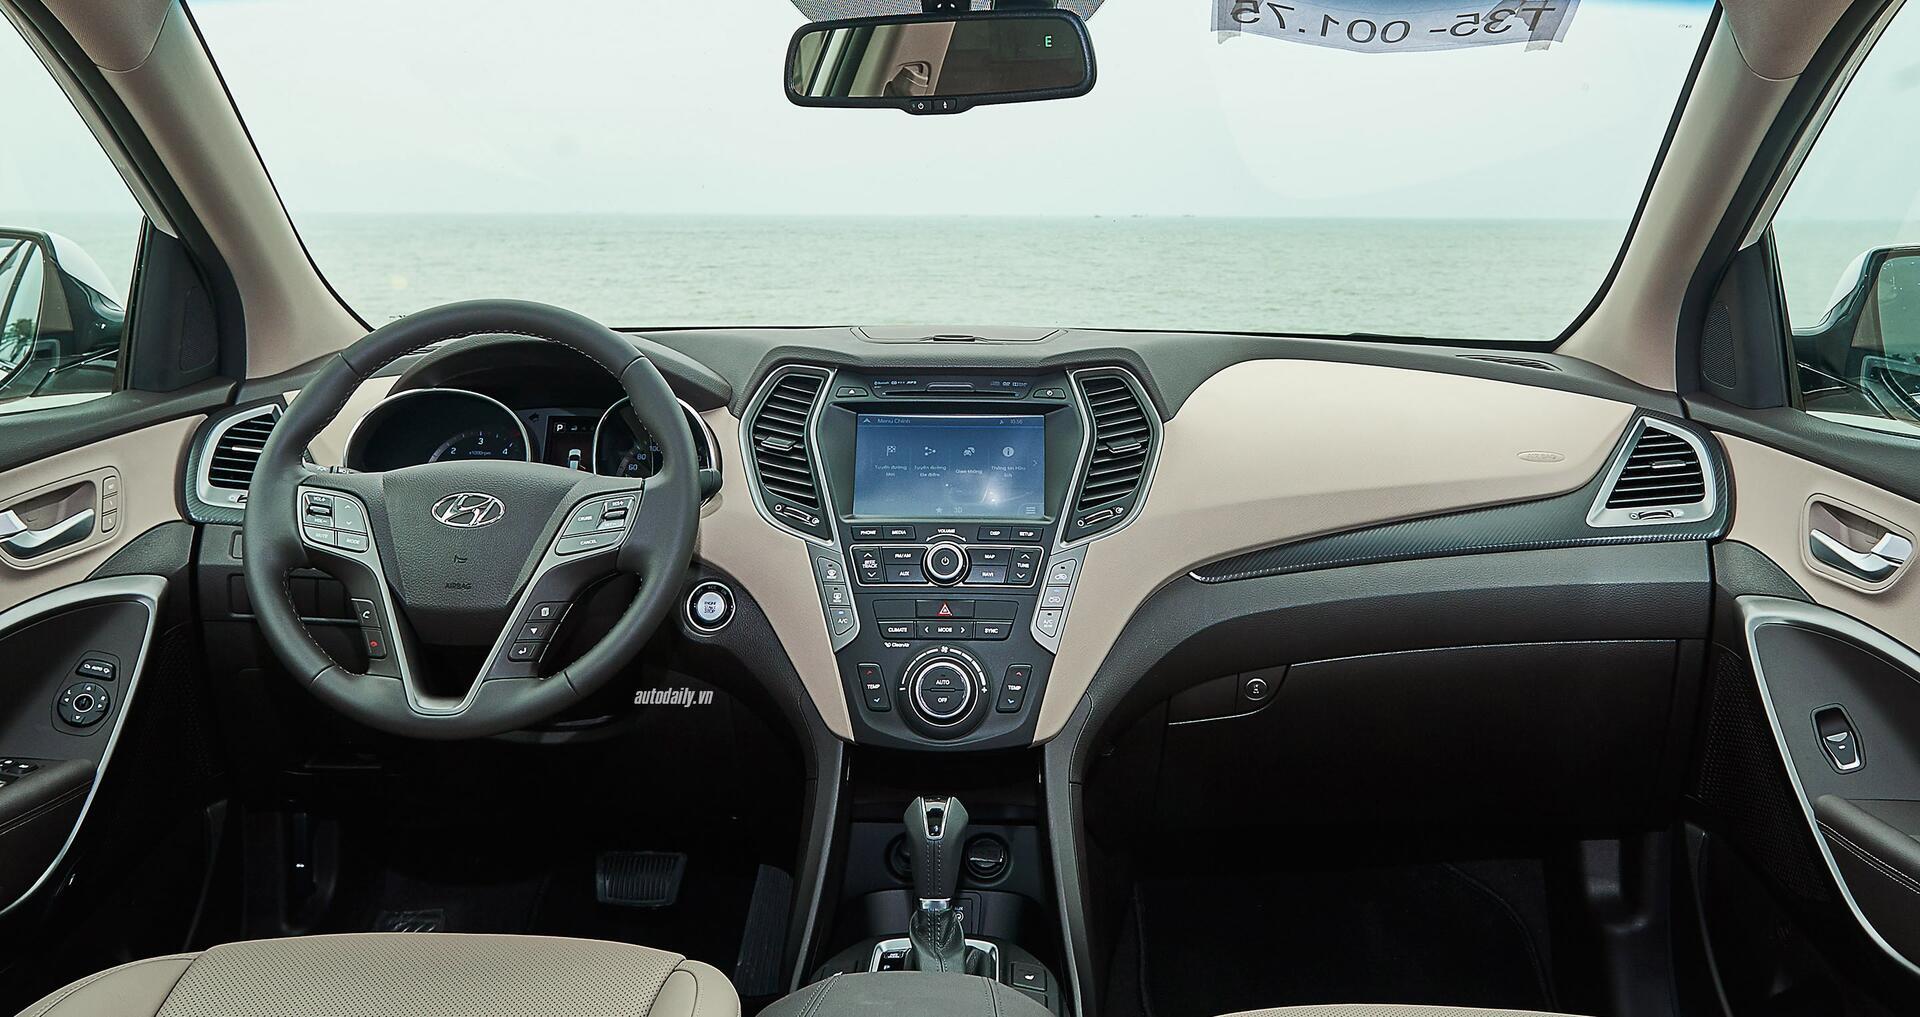 Đánh giá ban đầu về Hyundai SantaFe 2016 phiên bản máy dầu - Hình 5